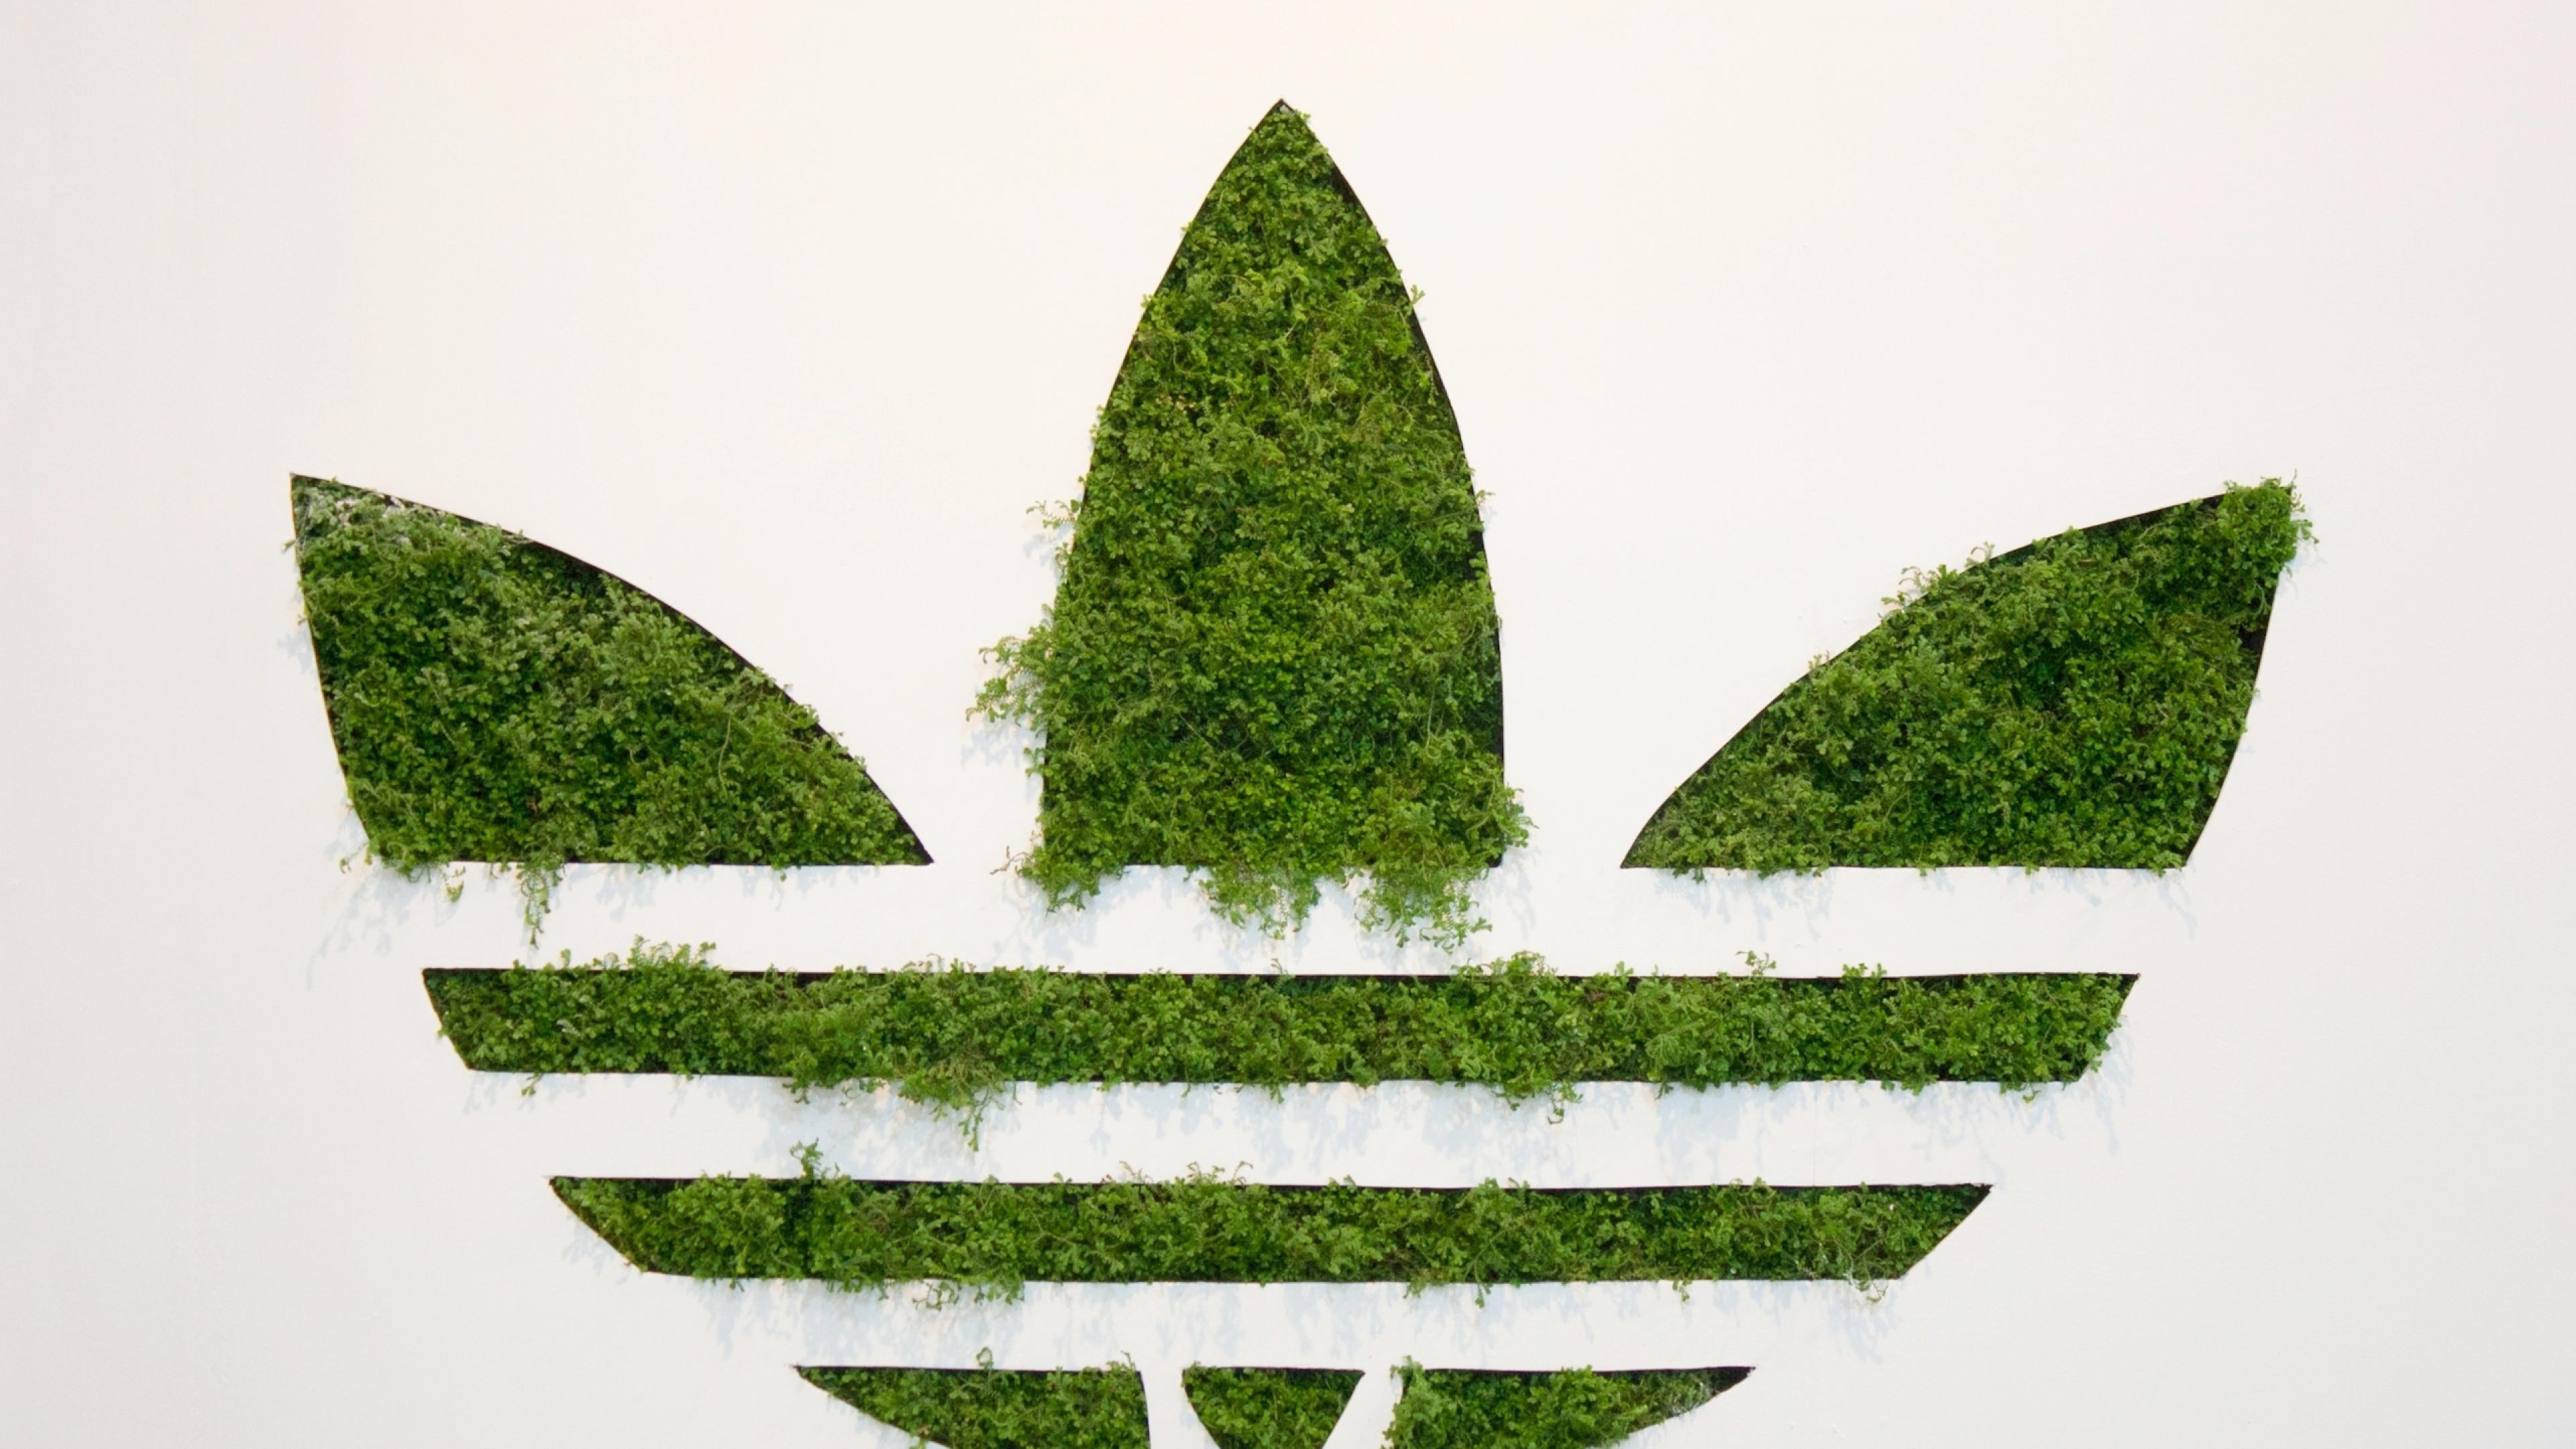 2560x1700 Adidas Grass Logo Chromebook Pixel Hd 4k Wallpapers